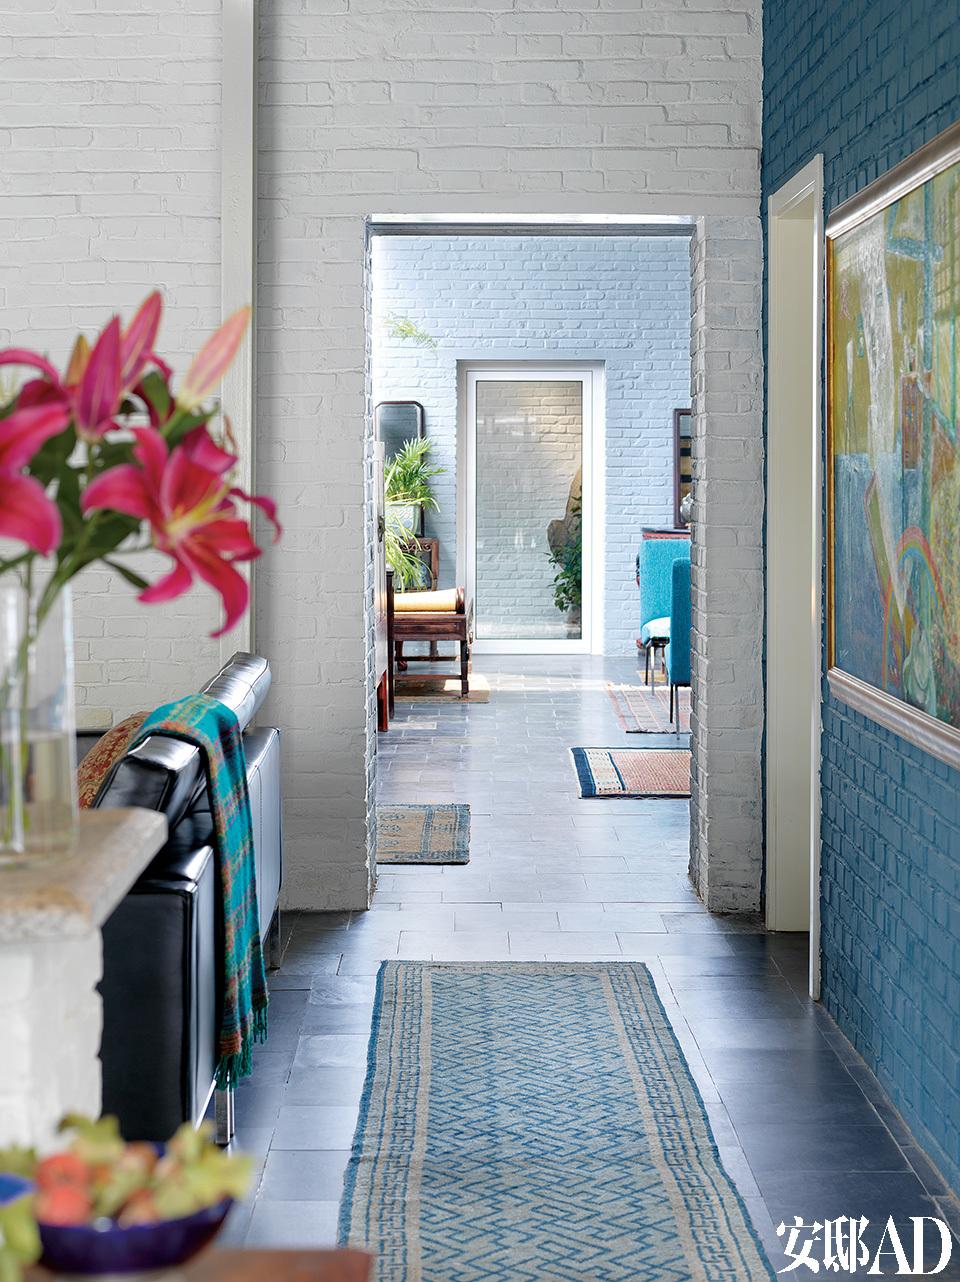 画面由近及远,旧起居室通往新起居室,尽头处一扇门连着后院,还能看到一块露出部分的原始山石,起居室里铺了从西藏等地买回来的地毯。